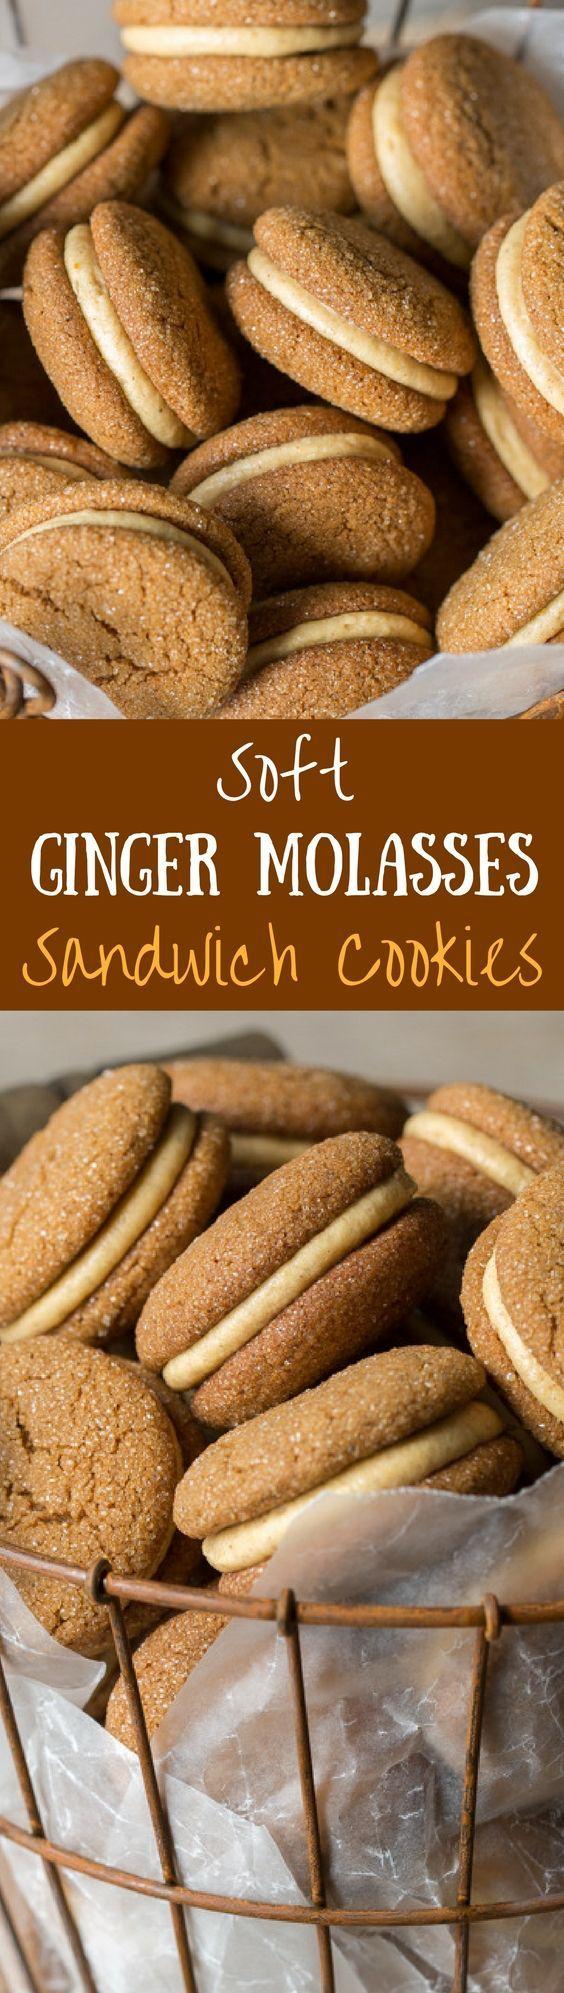 Soft Ginger Molasses Cookies with Pumpkin-Butter Buttercream   www.savingdessert.com